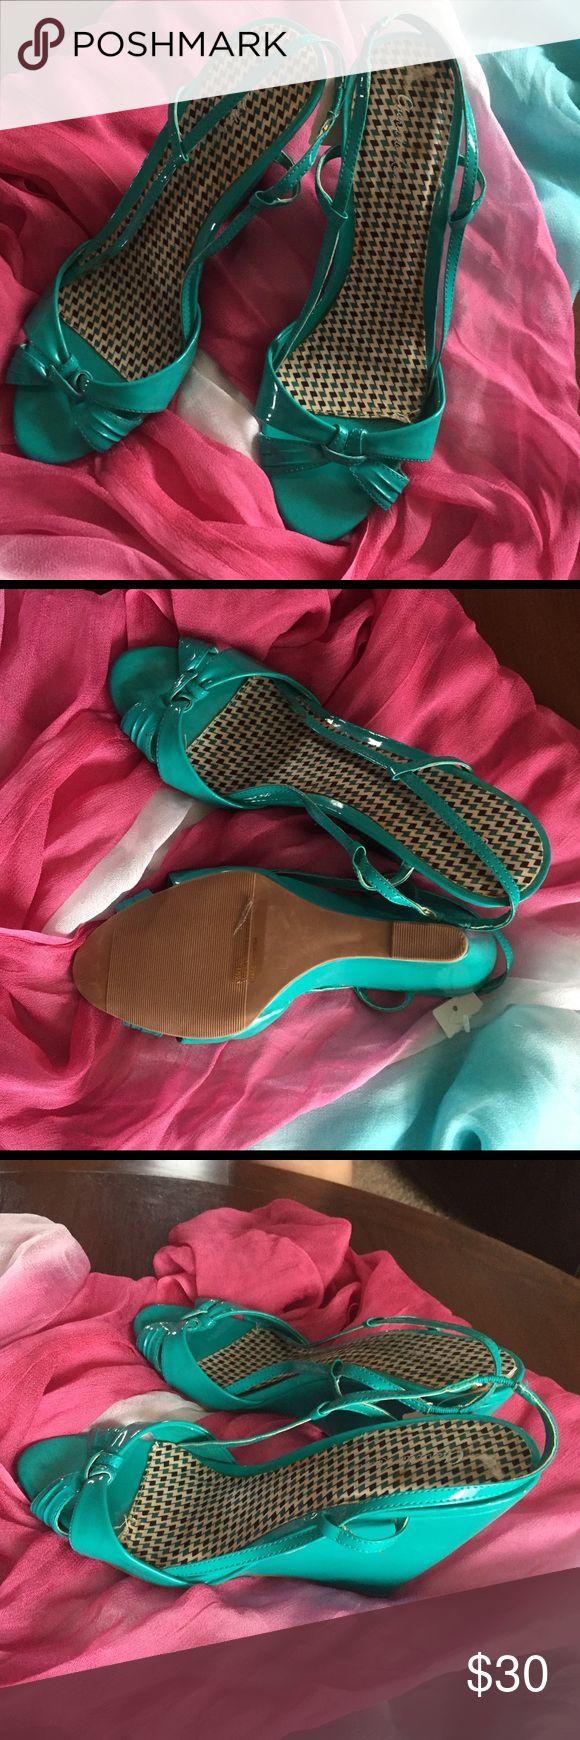 Pretty sandals Color turqueza size 7 Charlotte Russe Shoes Platforms